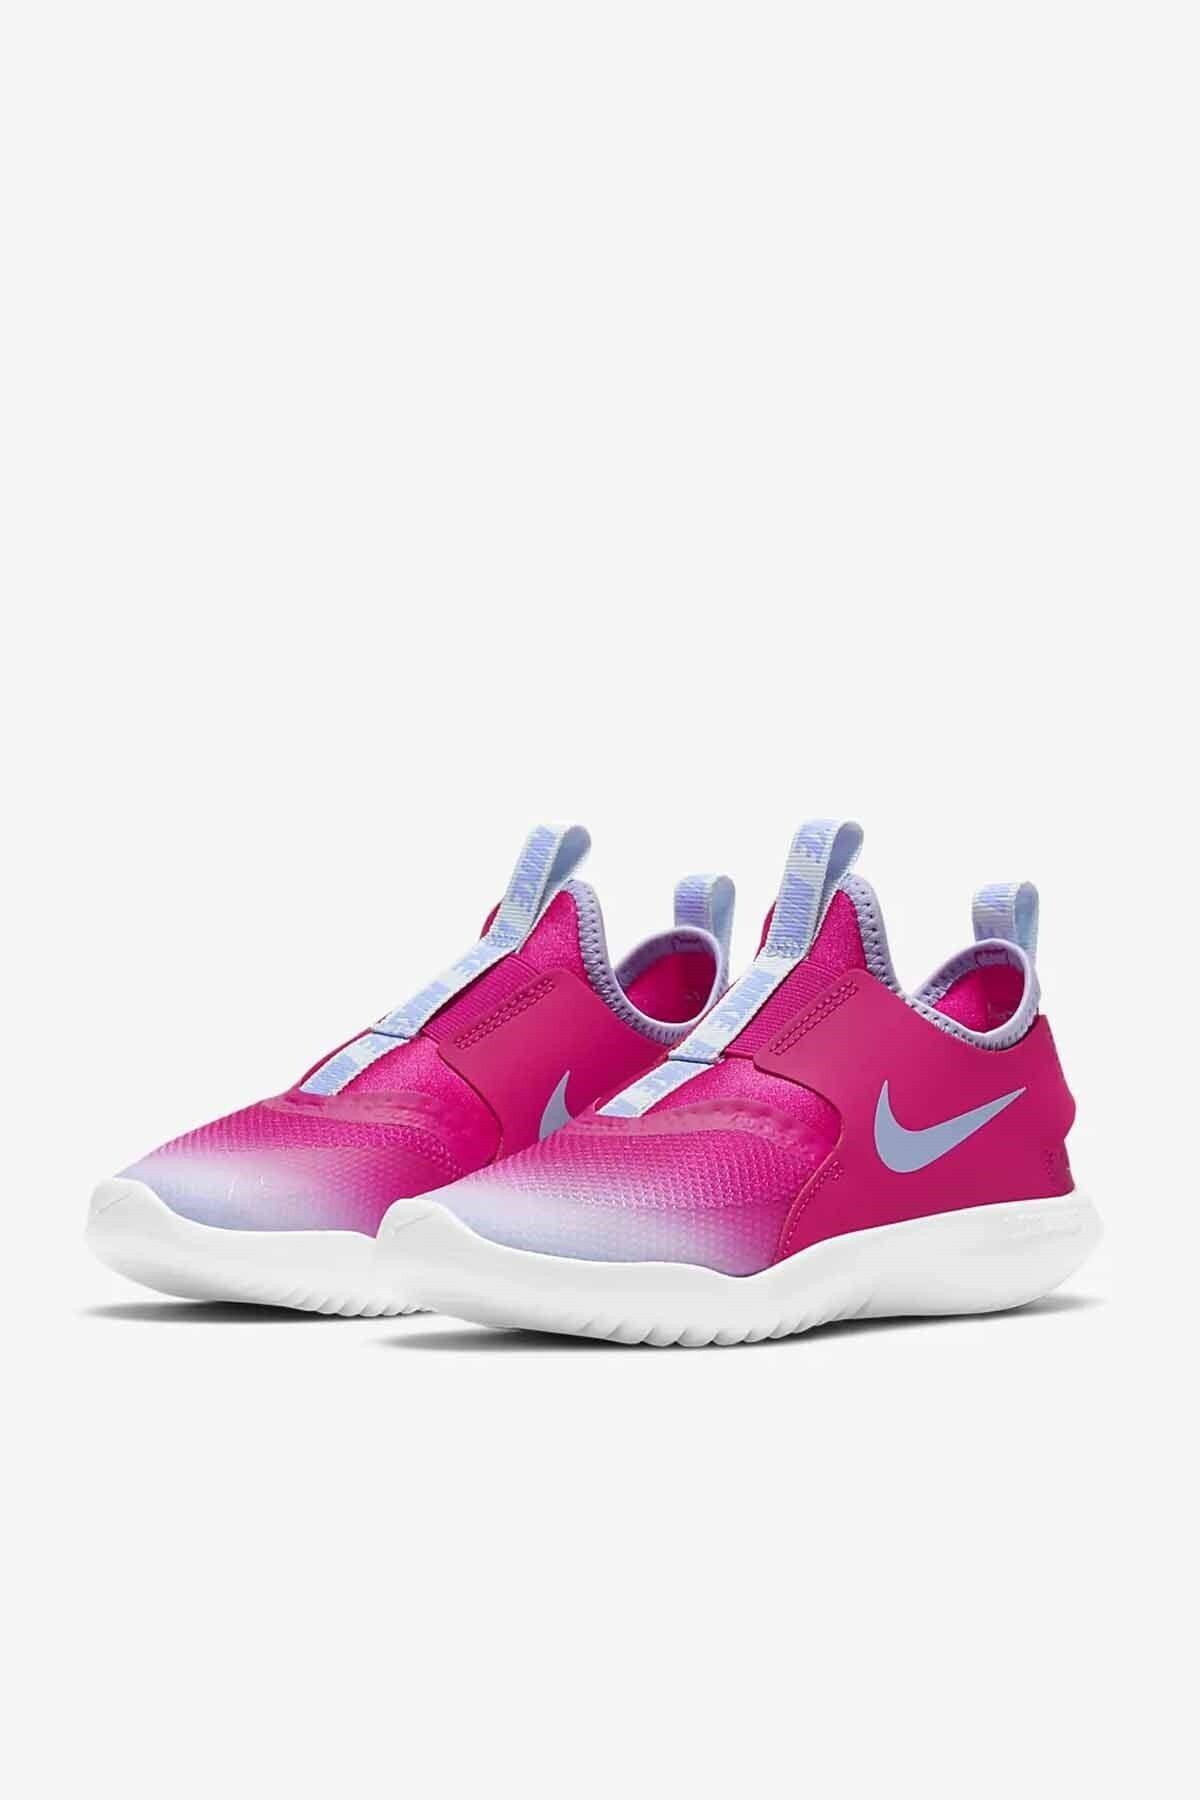 Nike Flex Runner (ps) Çocuk Yürüyüş Koşu Ayakkabı At4663-606-pembe 2